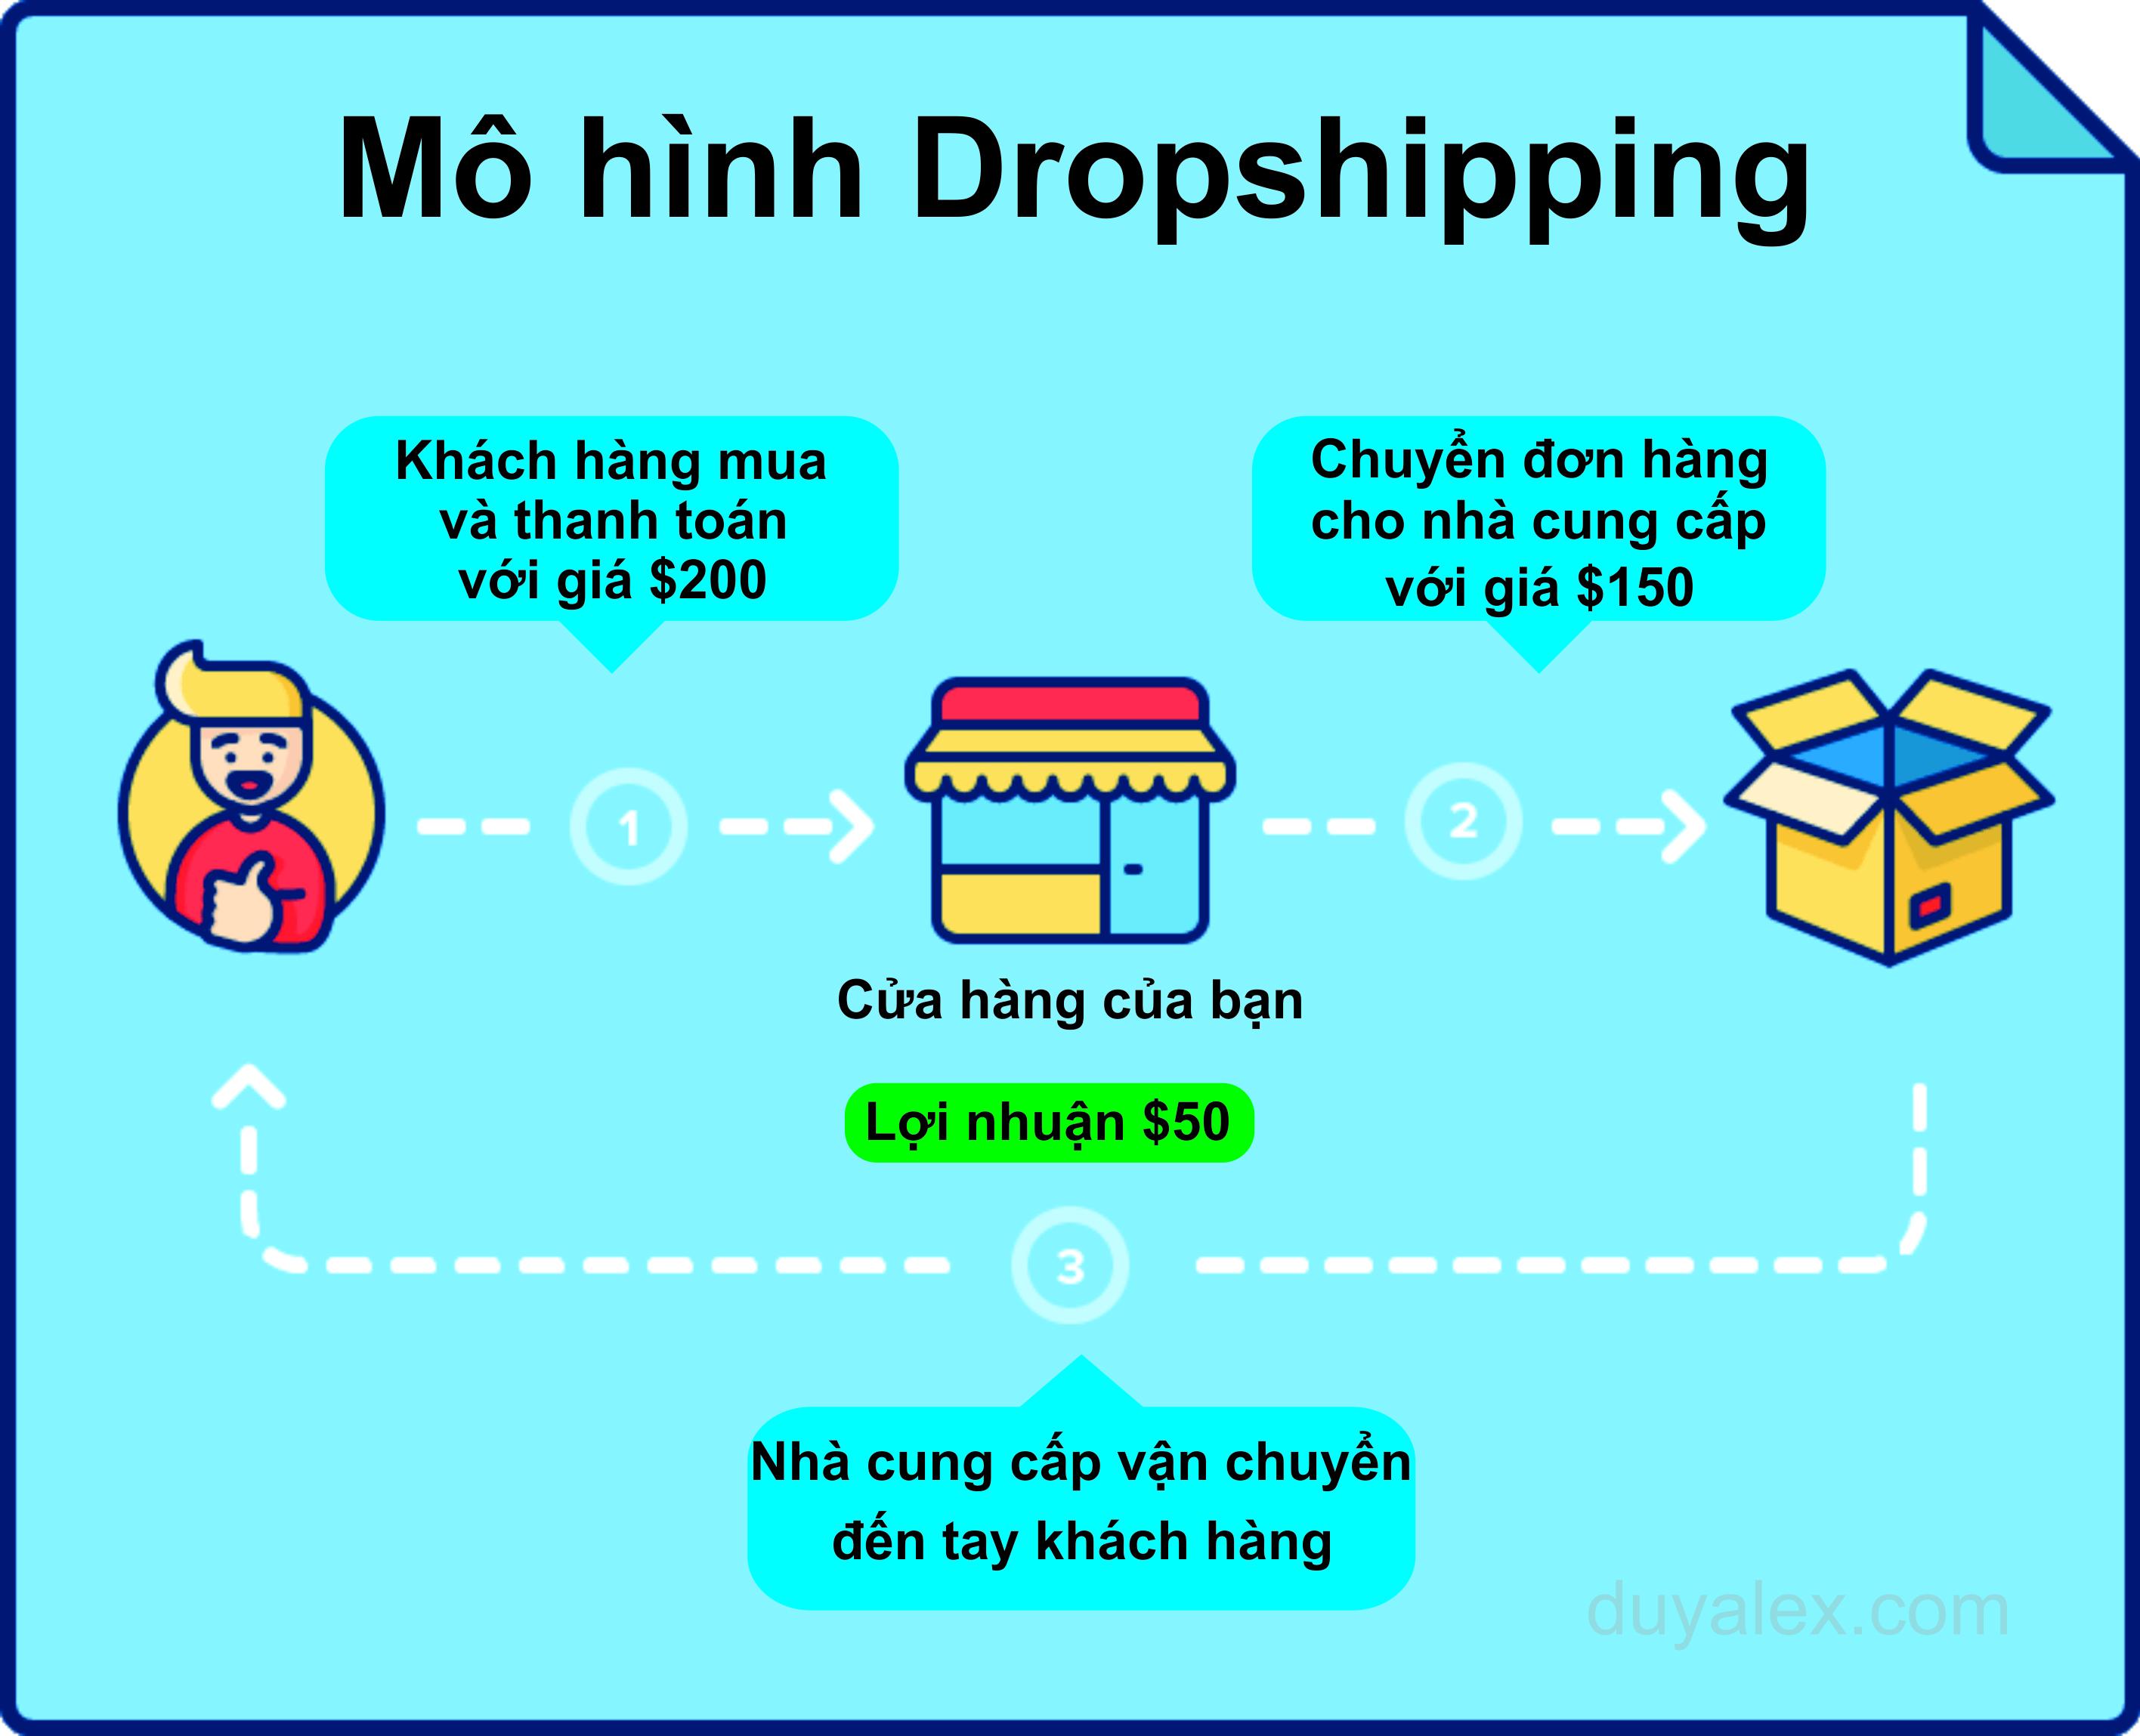 mo hinh dropshipping